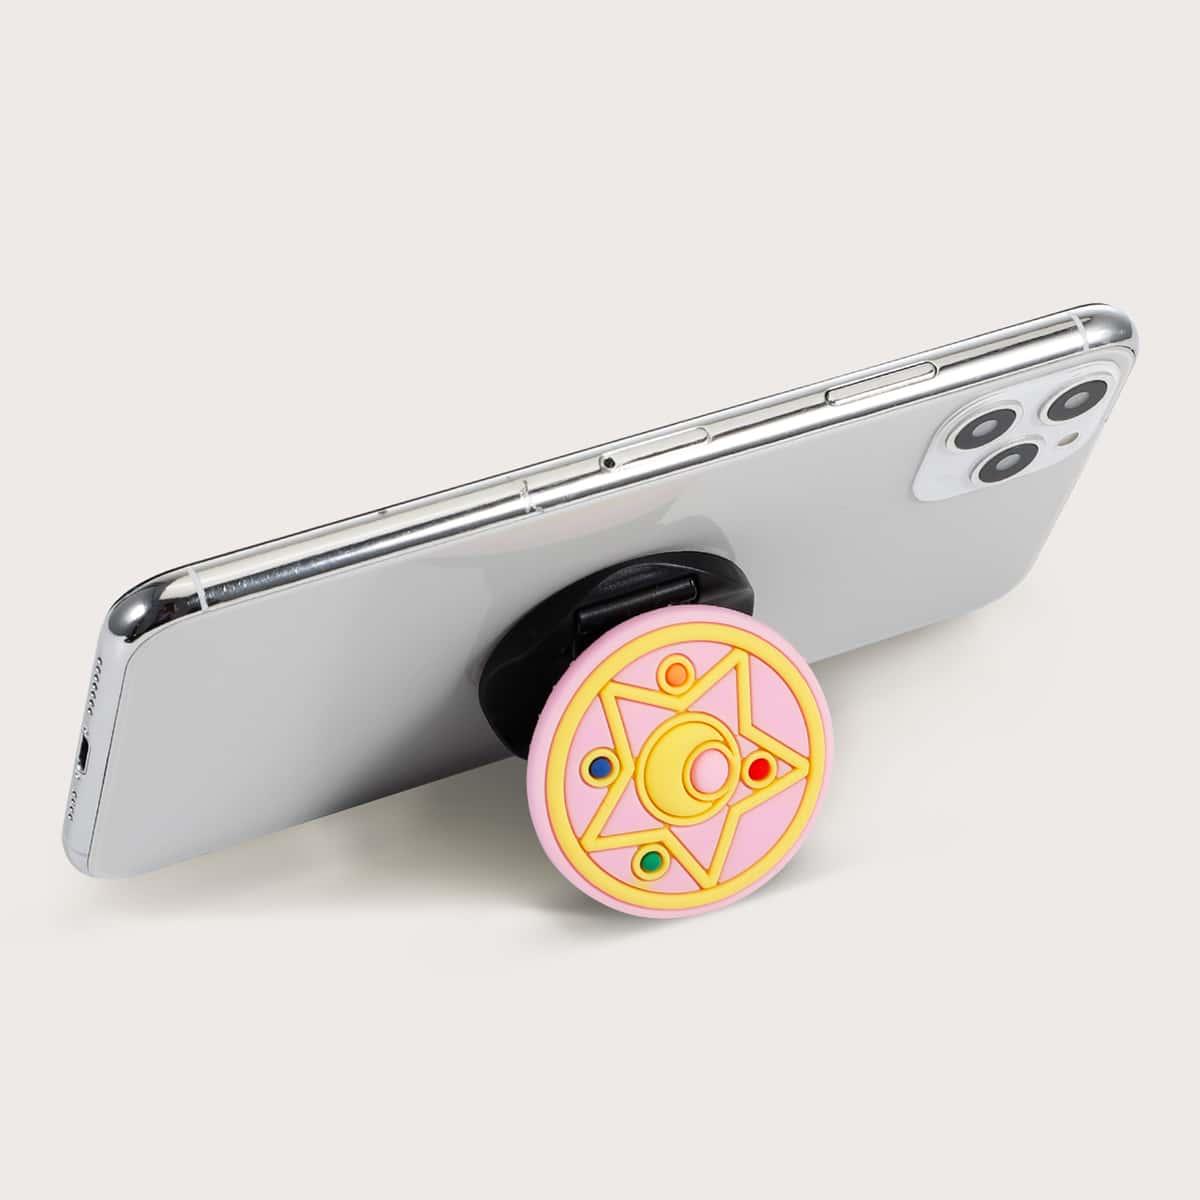 Мультипликационная Складный держатель для телефона 1шт фото